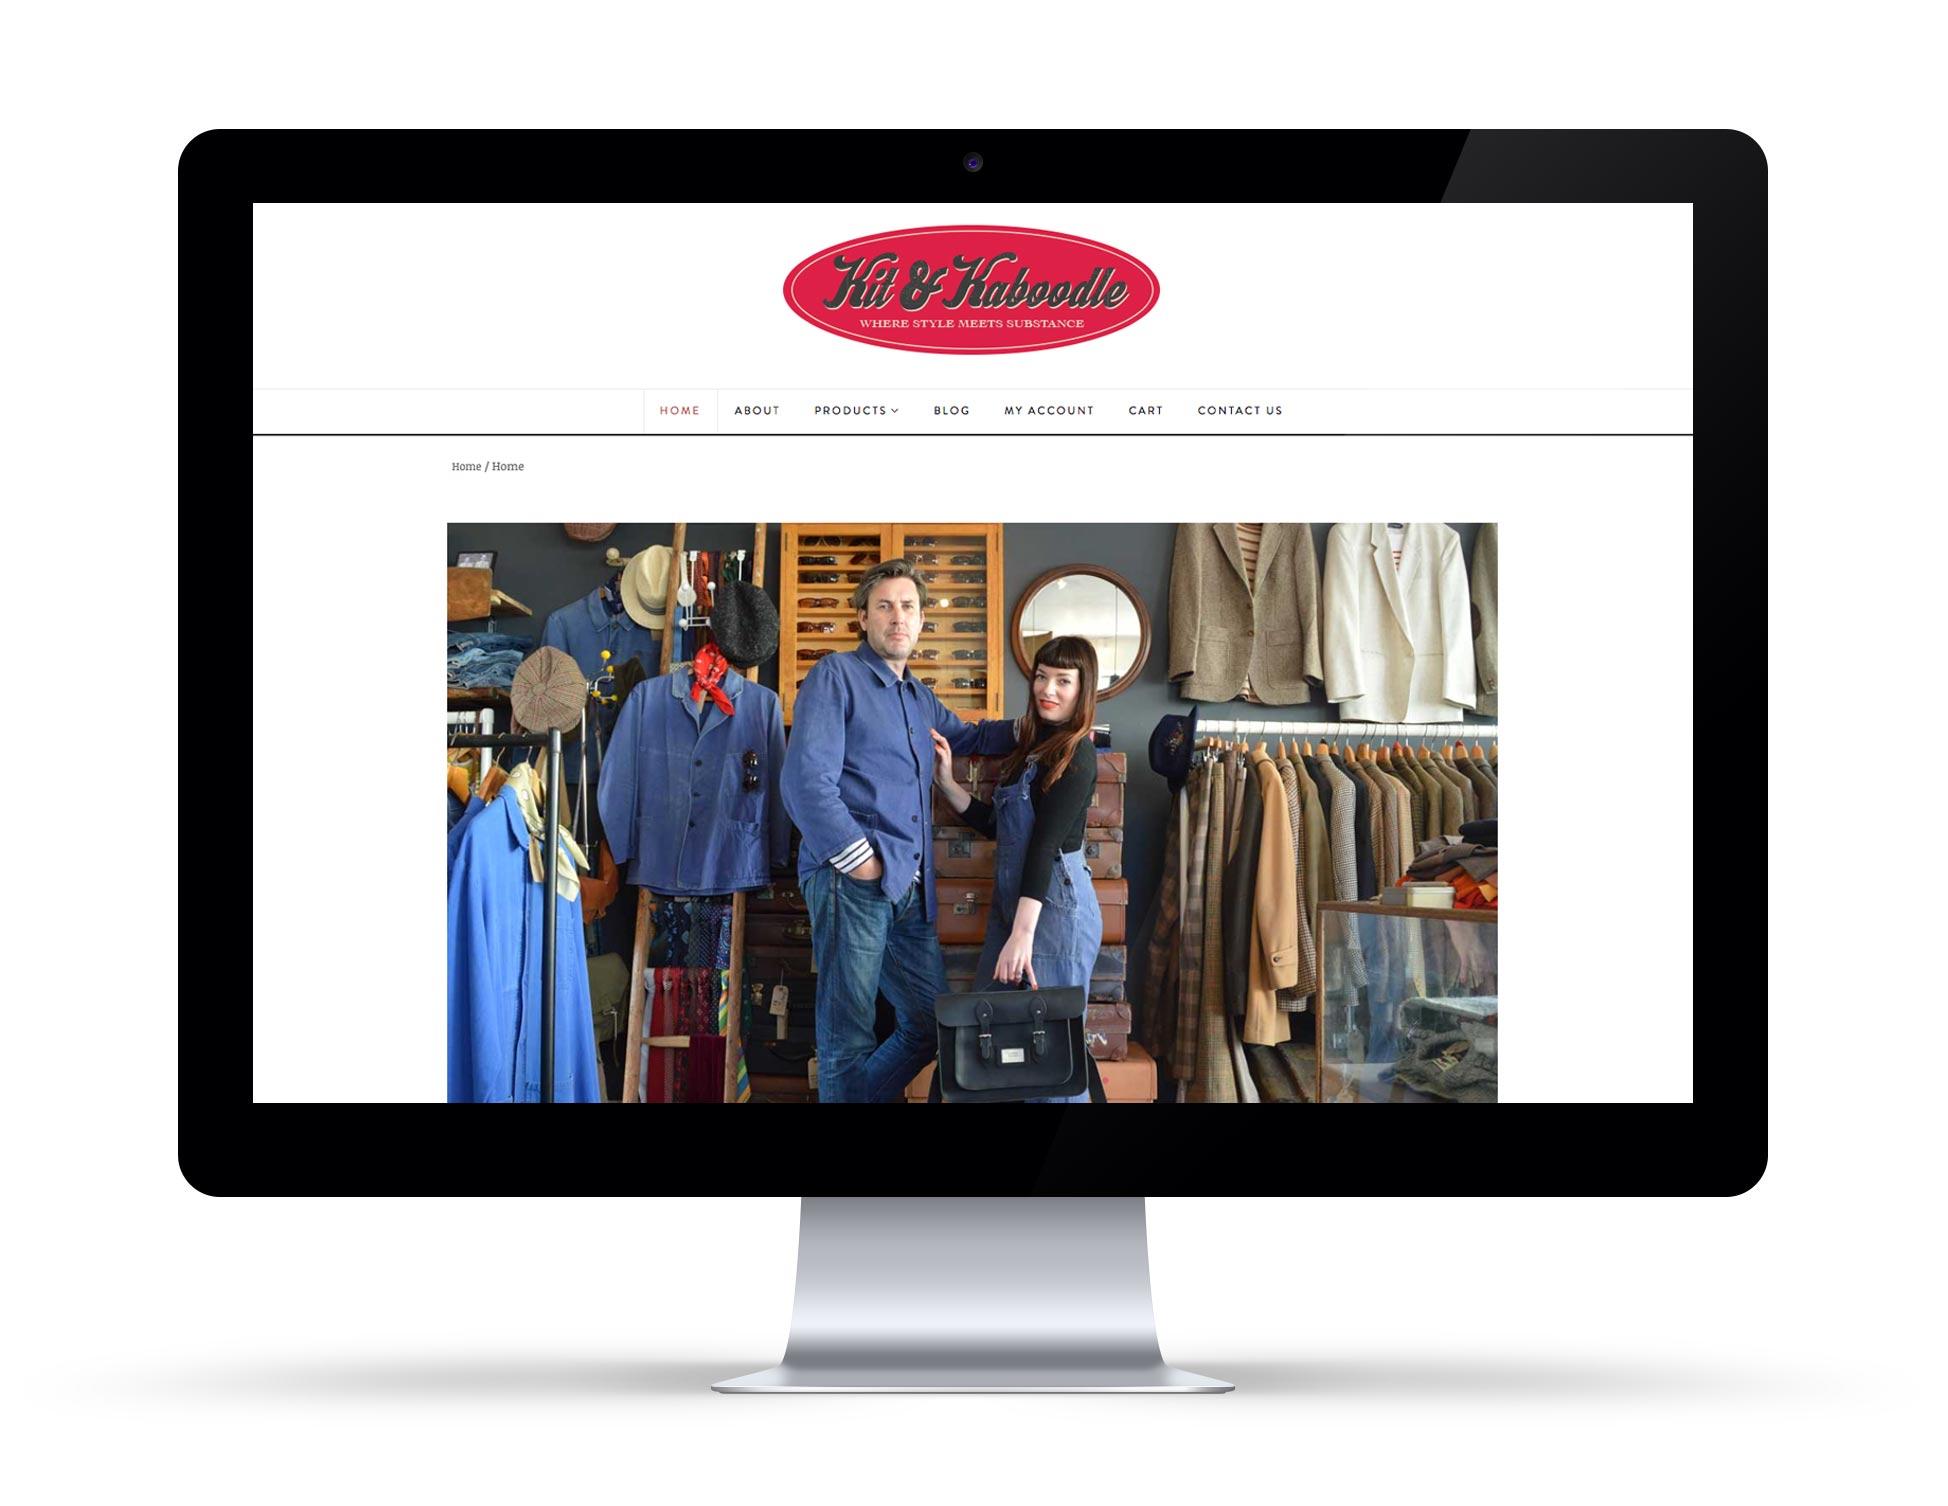 Kit & Kaboodle Website 1